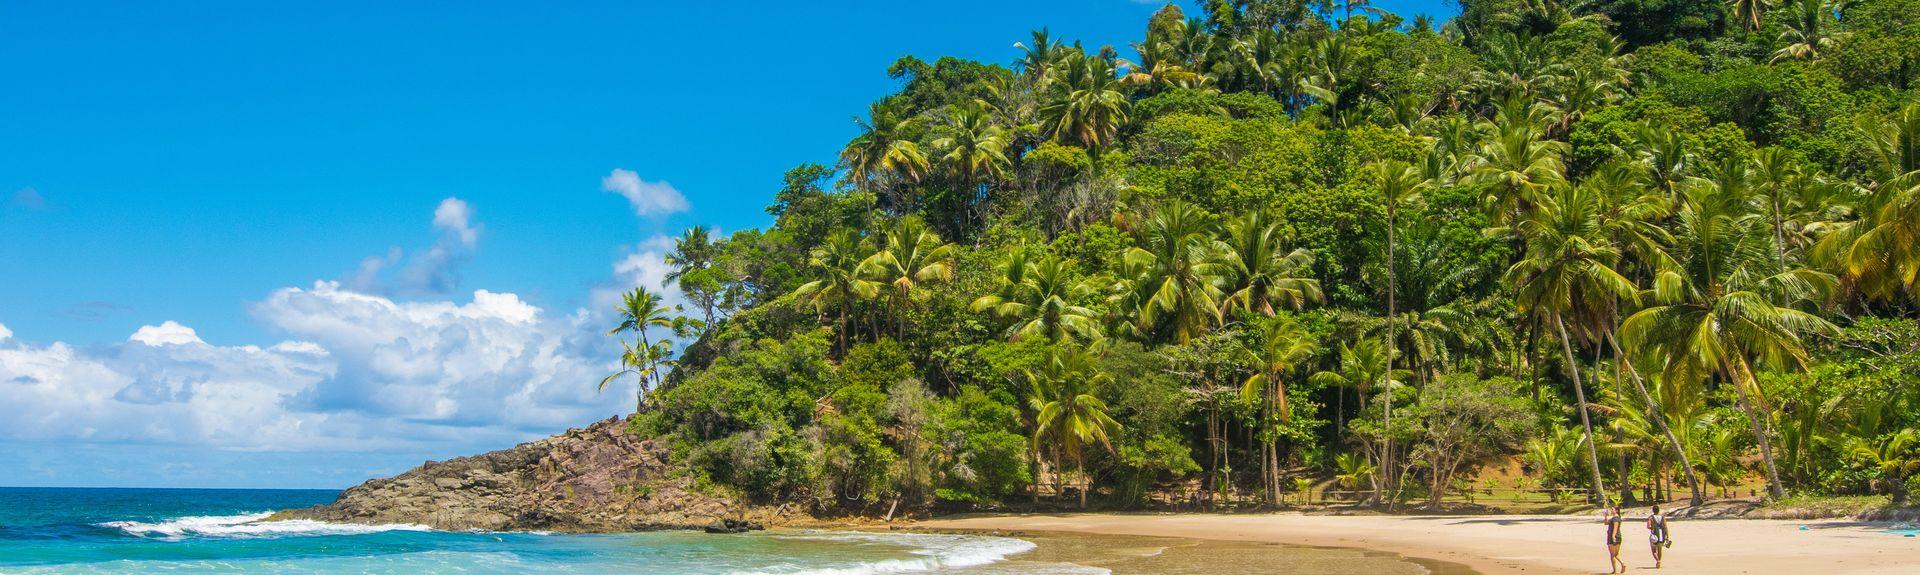 Costa do Cacau, Baía, Brasil